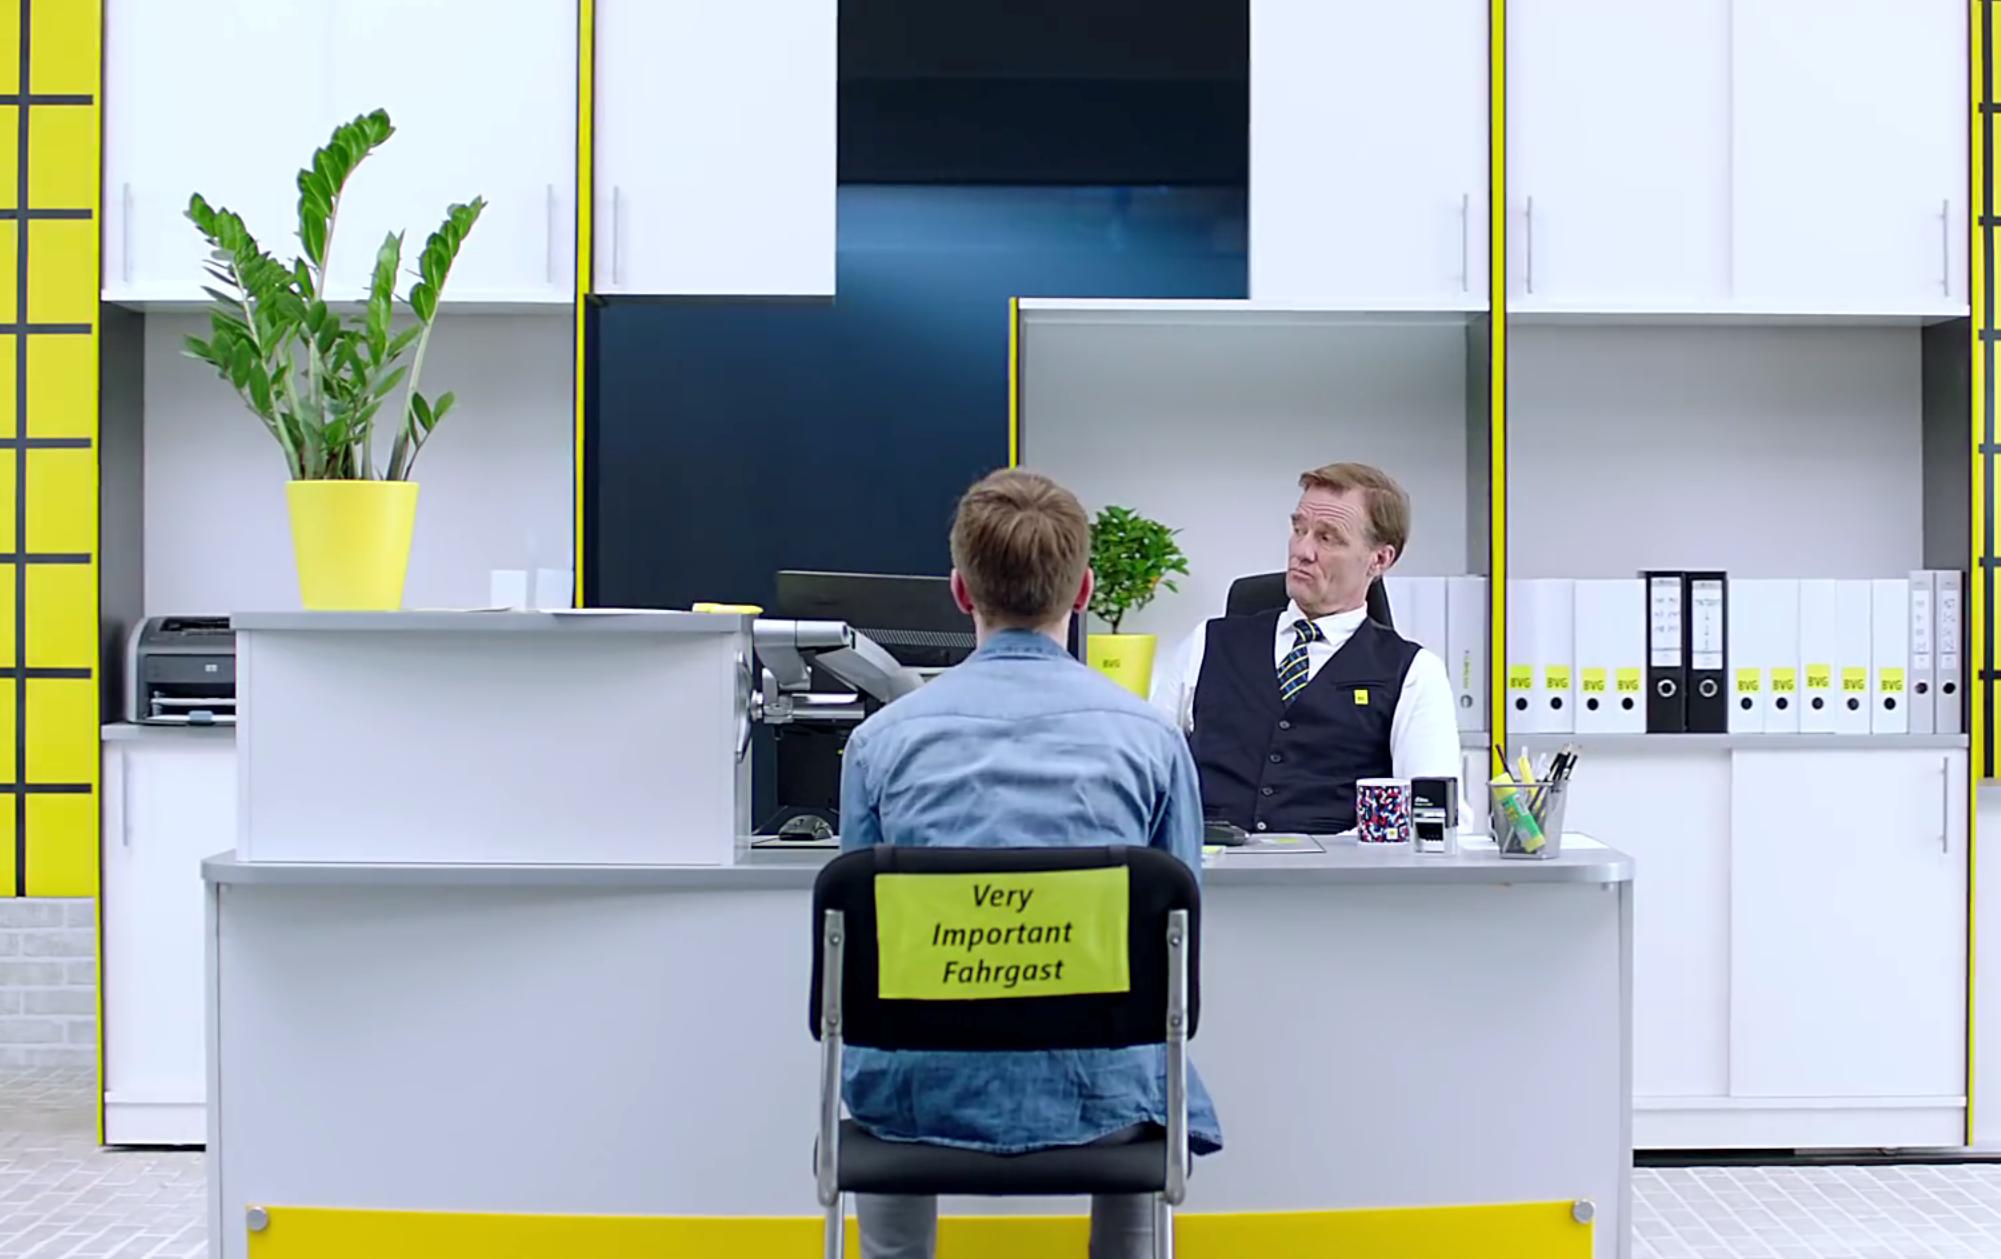 """""""Es war auch etwas Übung notwendig, um diesen steinigen Weg möglichst unfallfrei gehen zu können""""  BVG-Marketingleiter Frank über provokantes Marketing und die Bedeutung von Social Media"""